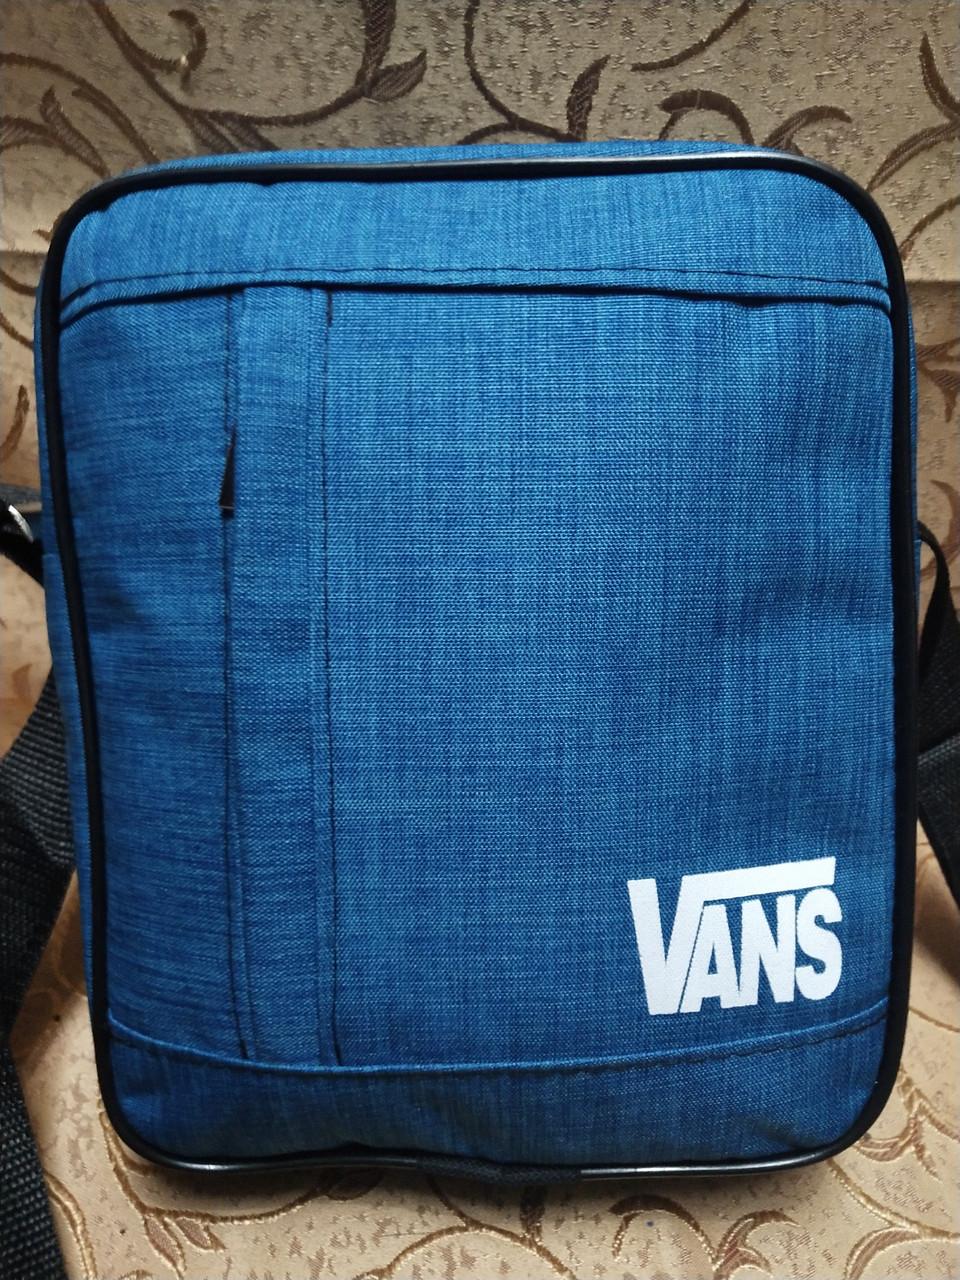 (24*19-большое)Барсеткаvans сумка VANS спортивные мессенджер для через плечо Унисекс ОПТ